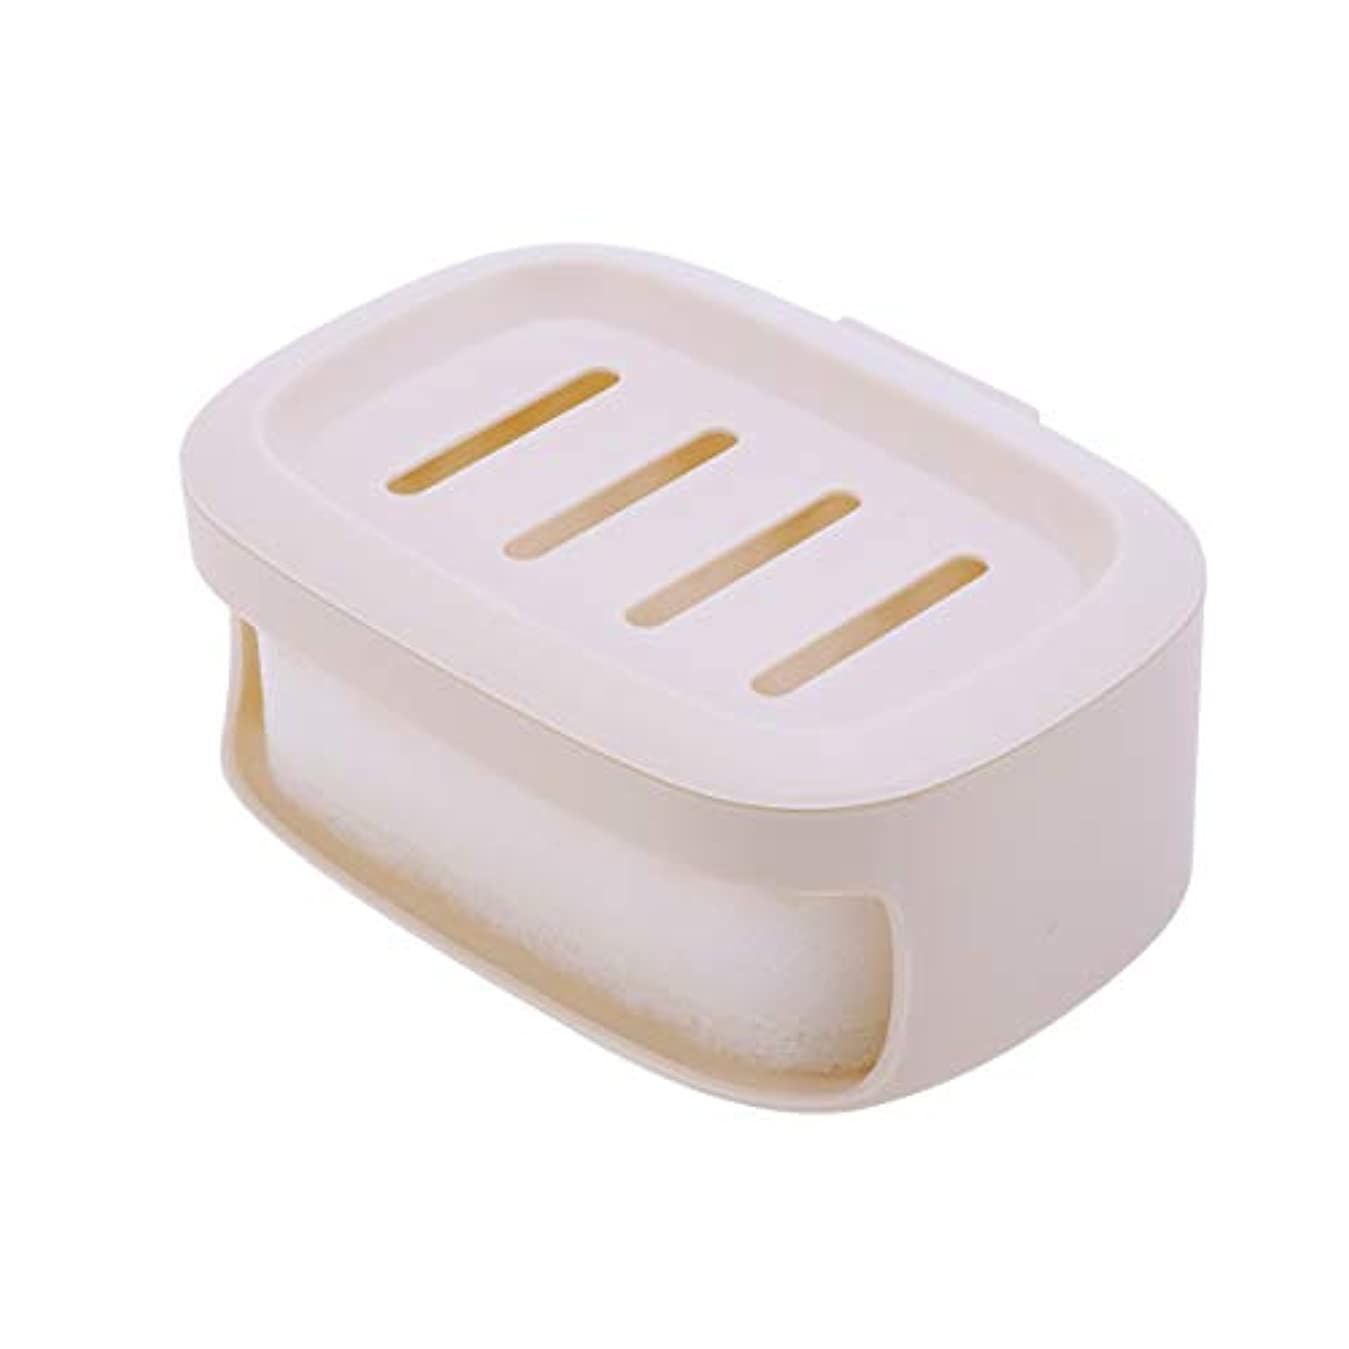 信号精算ショップHEALIFTY ソープボックス防水ソープコンテナ浴室ソープ収納ケースソープホルダー(カーキ)